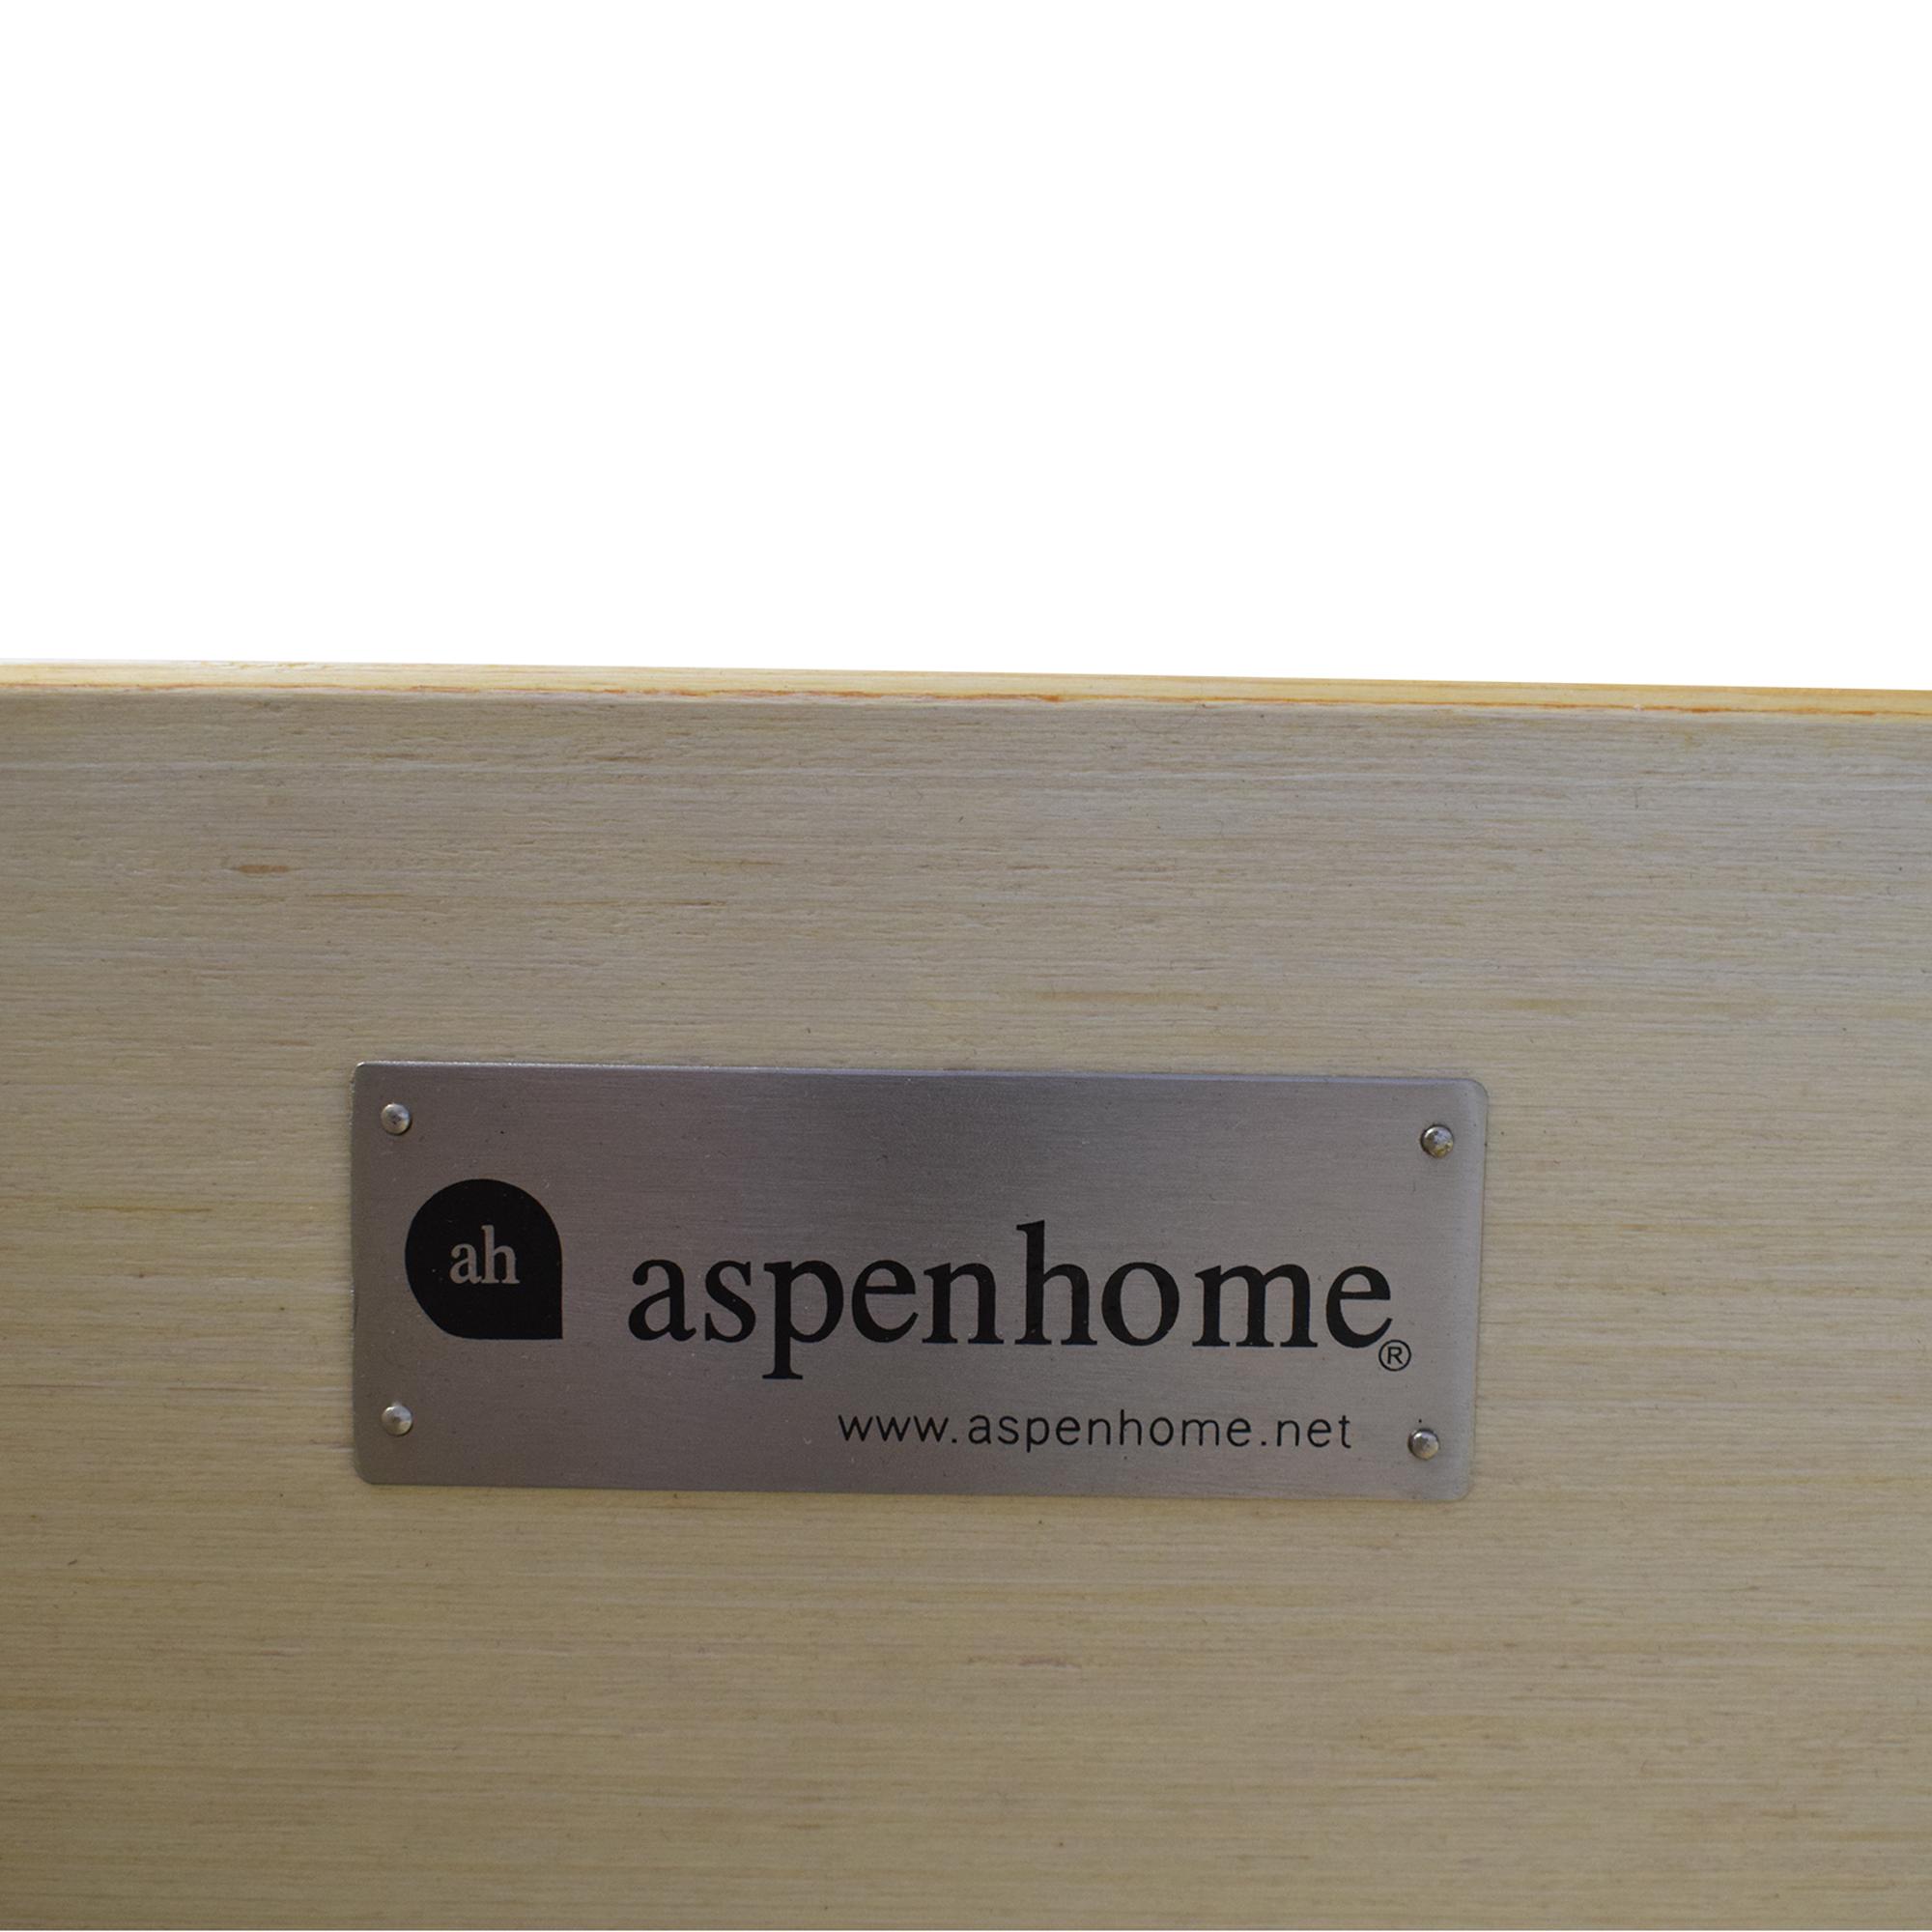 aspenhome aspenhome King Platform Sleigh Bed Bed Frames